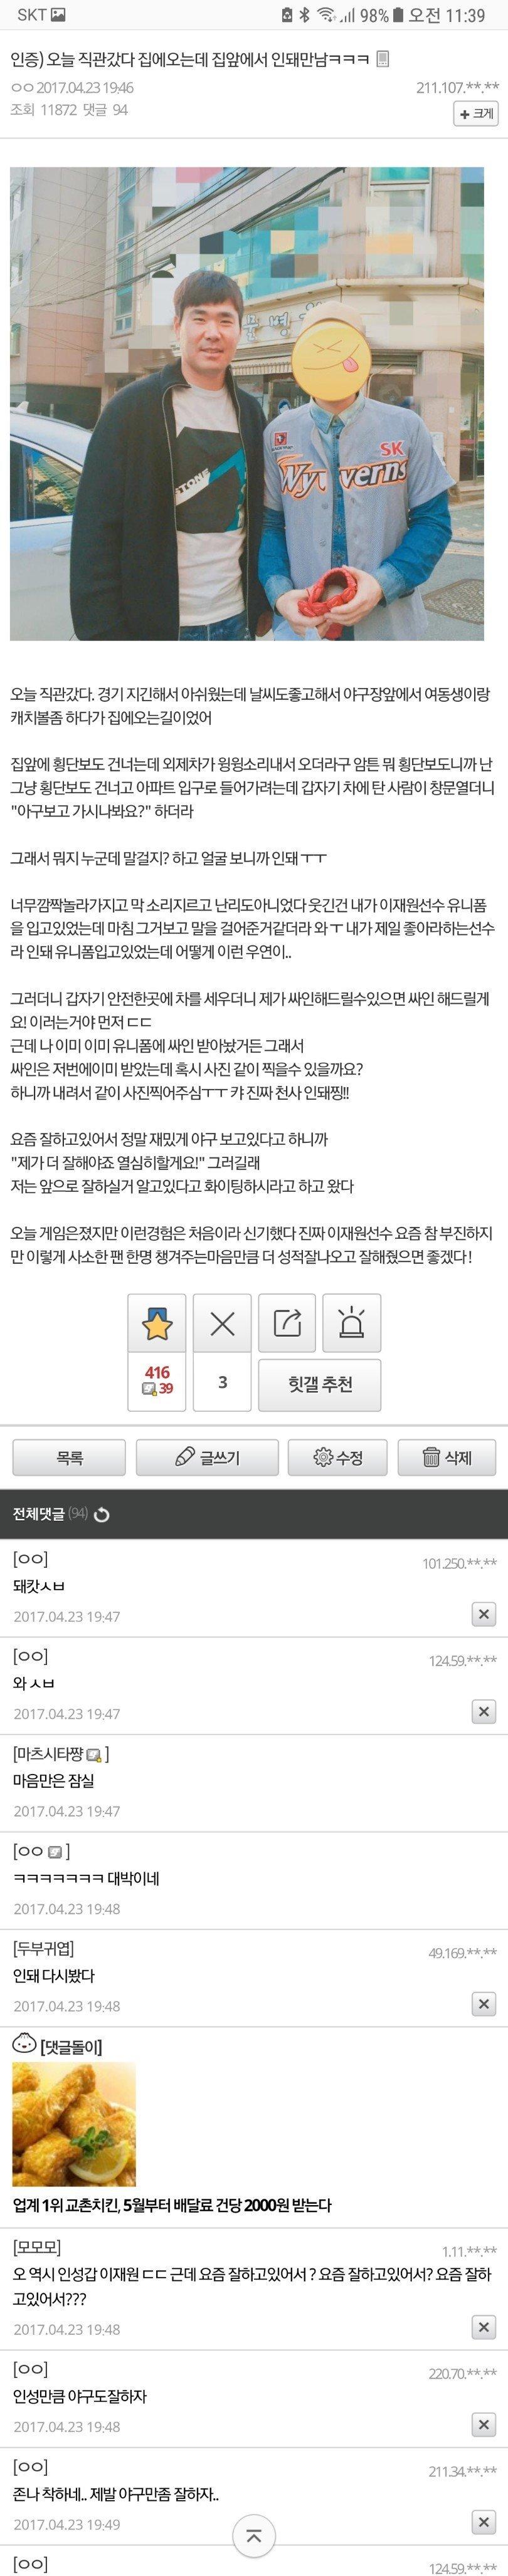 viewimage.php?id=3eb6c73ff3d72aa87d&no=24b0d769e1d32ca73dec81fa11d028314d3faebecfec25ed6aa779bc7958f309eeb4bfb0920eeaaa8a3cbb72bf3d1a48c25eabc997dfef74505a3b49394bbfe8e07fd2e082